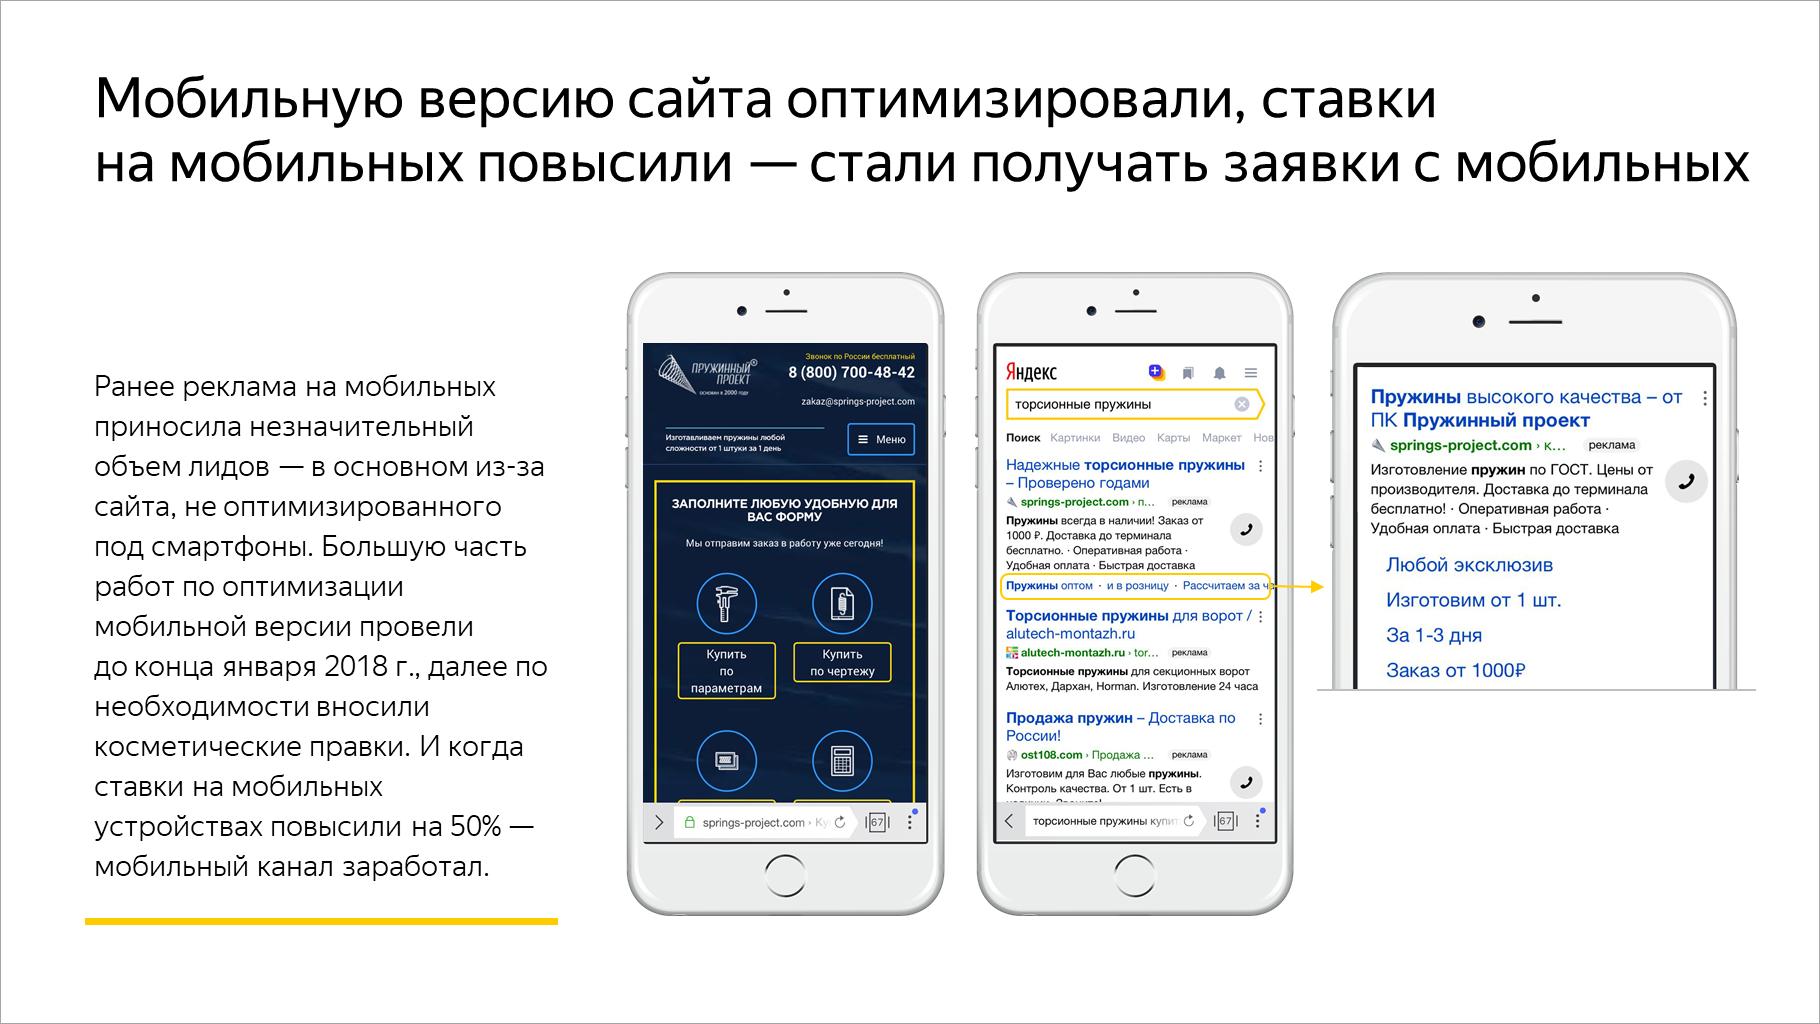 Мобильную версию сайта оптимизировали, ставки на мобильных повысили — стали получать заявки с мобильных